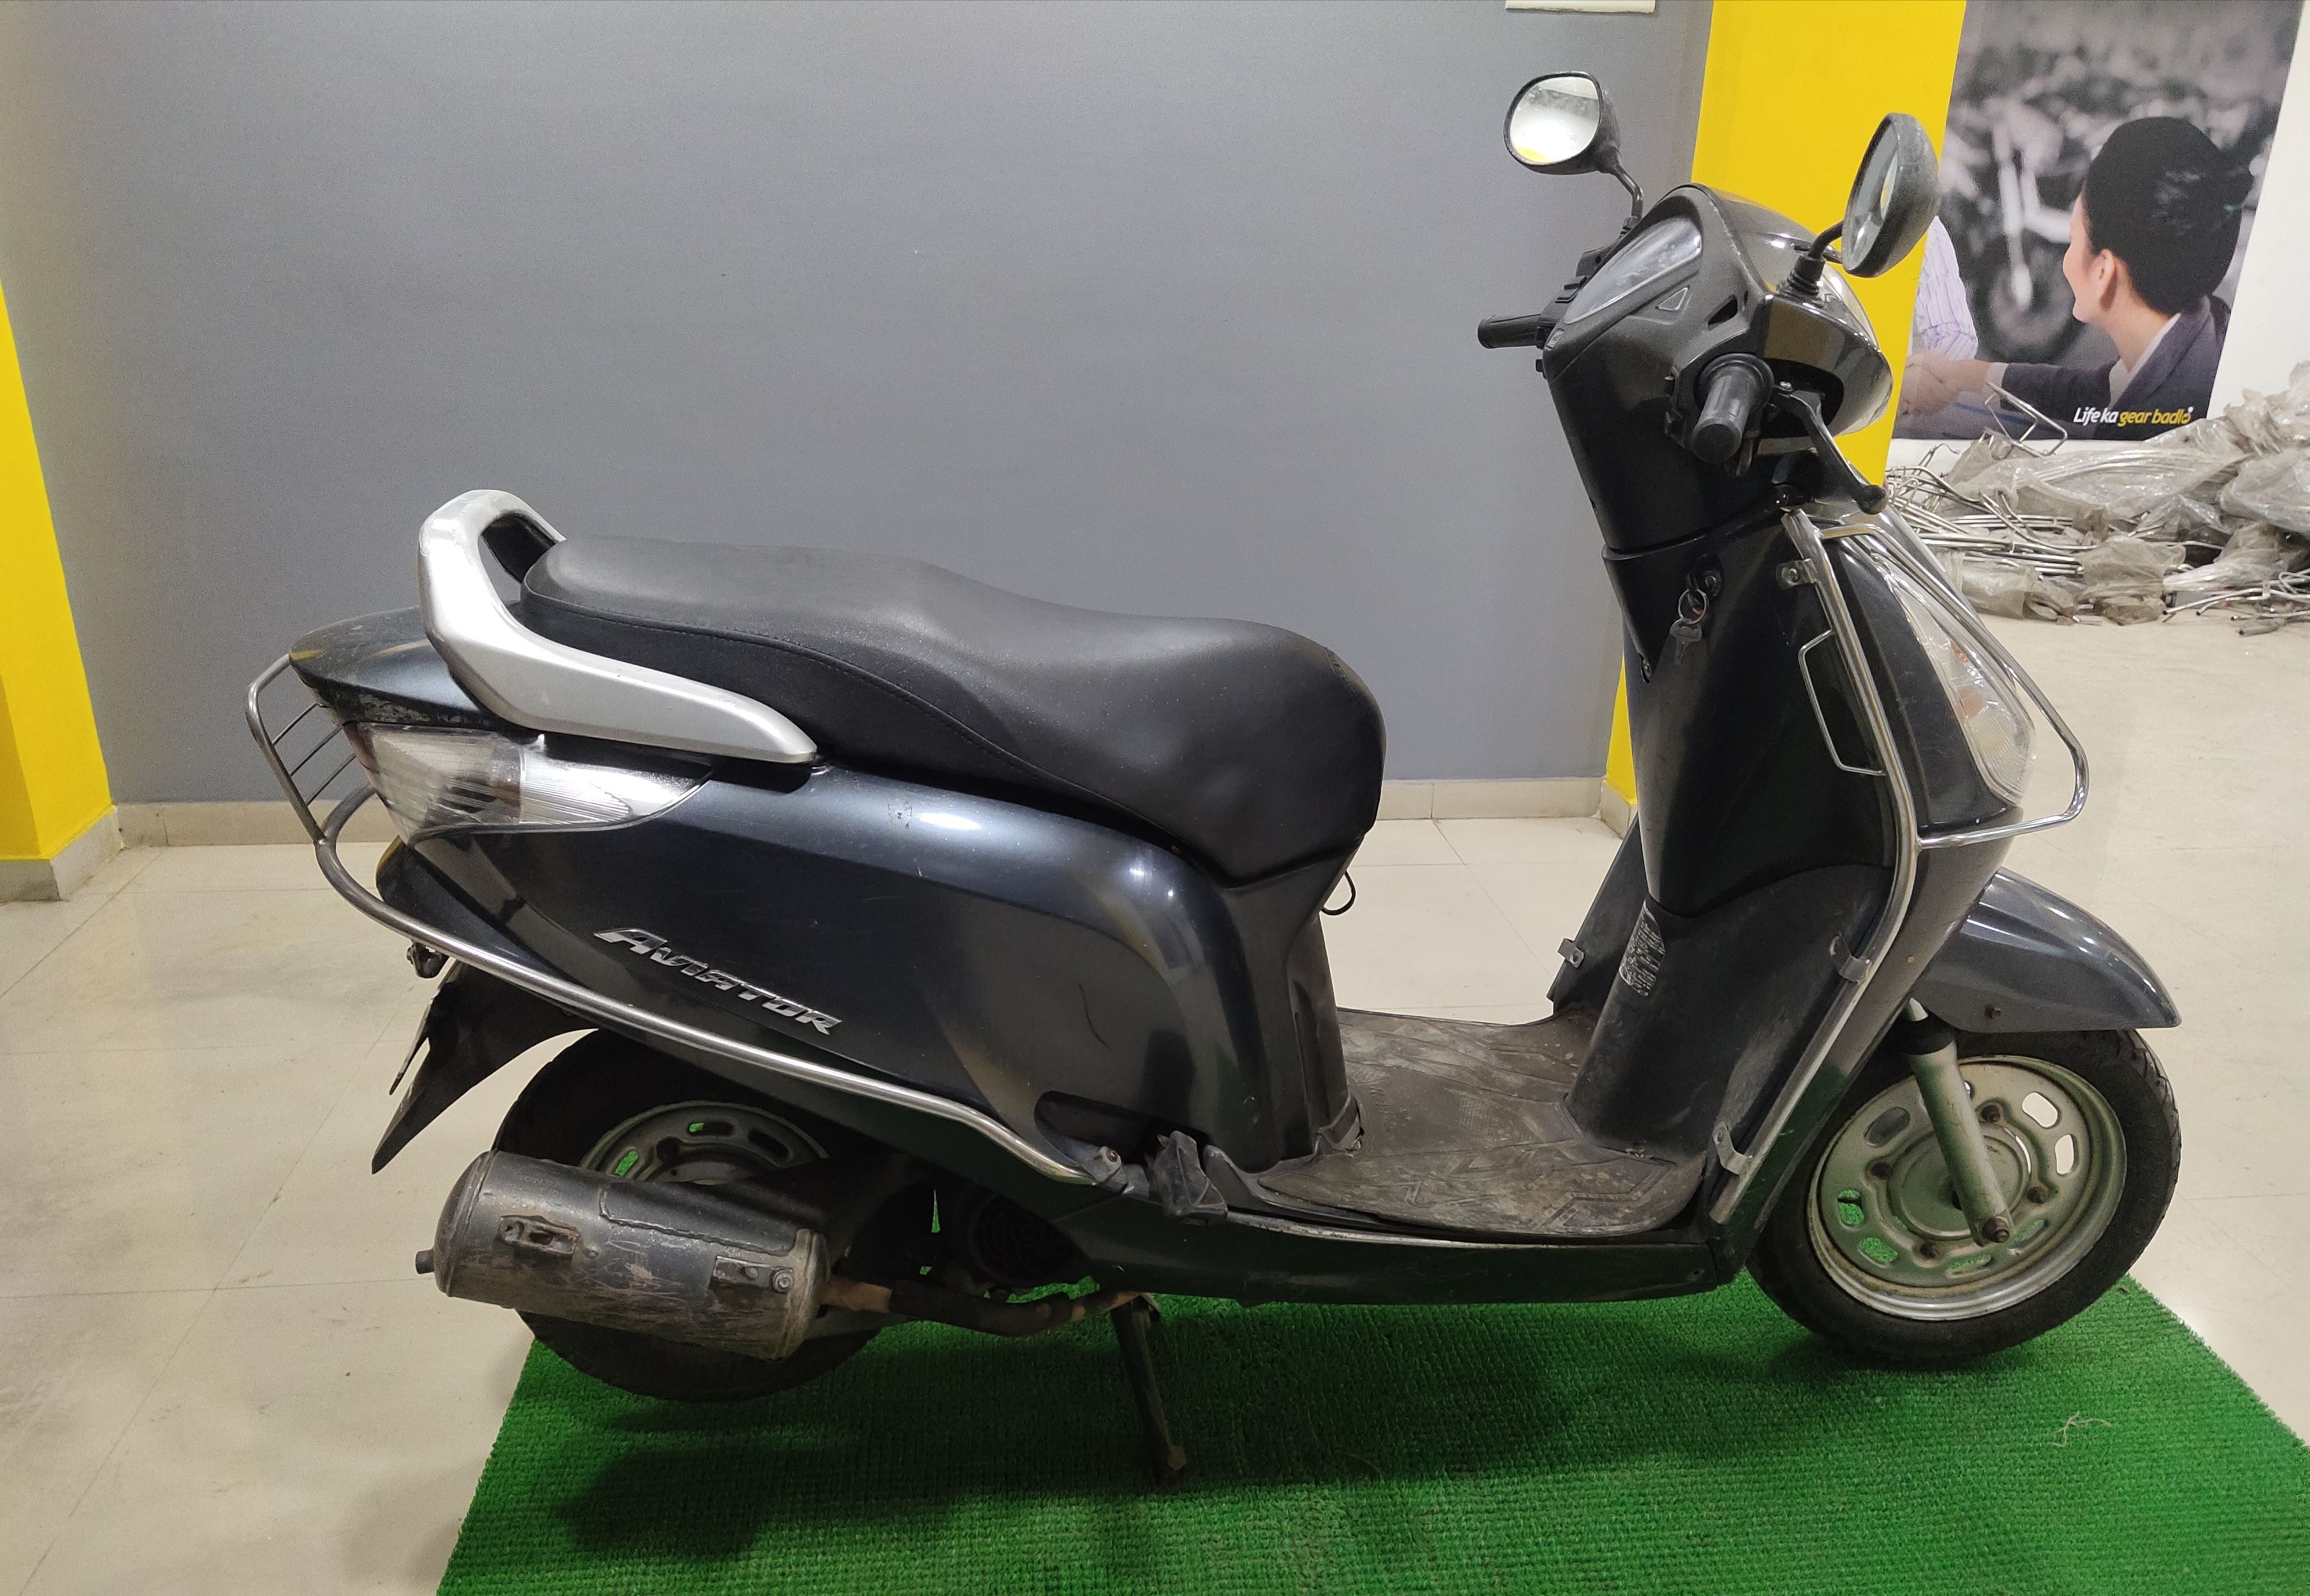 2011 Used Honda Aviator(2009-2015) DRUM (BS IV)